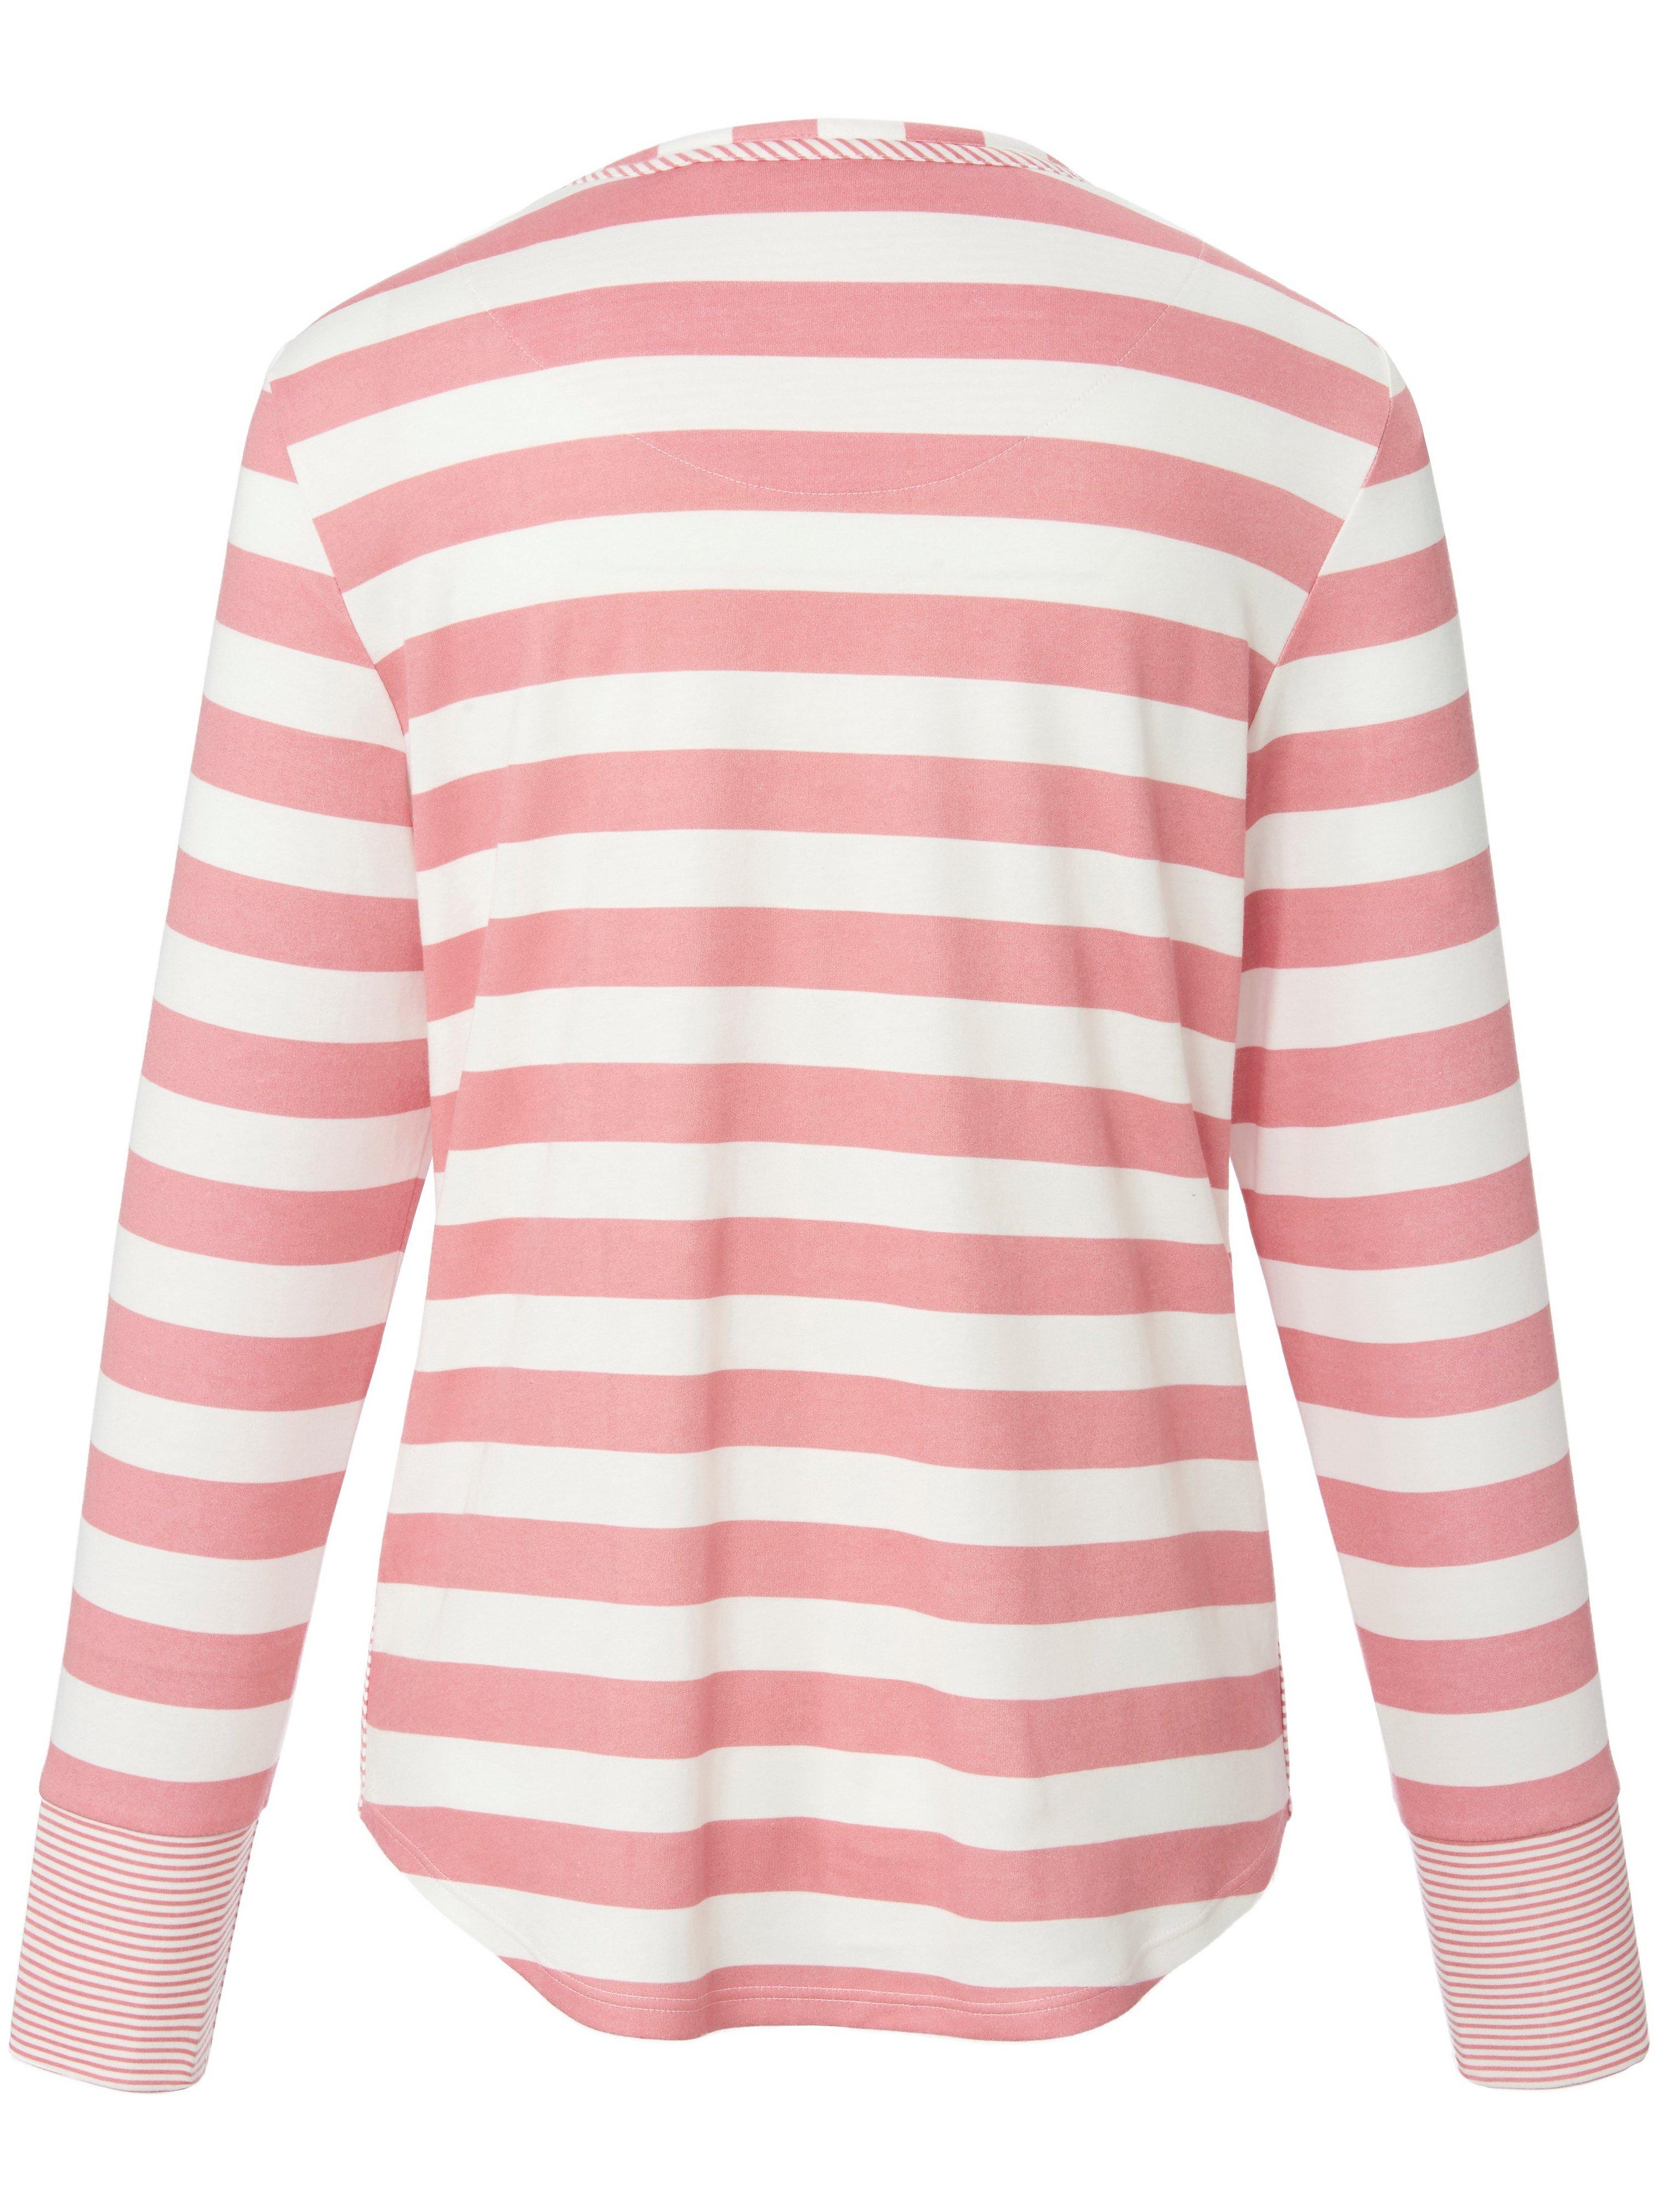 Pyjamas i 100 bomuld Fra Rösch pink